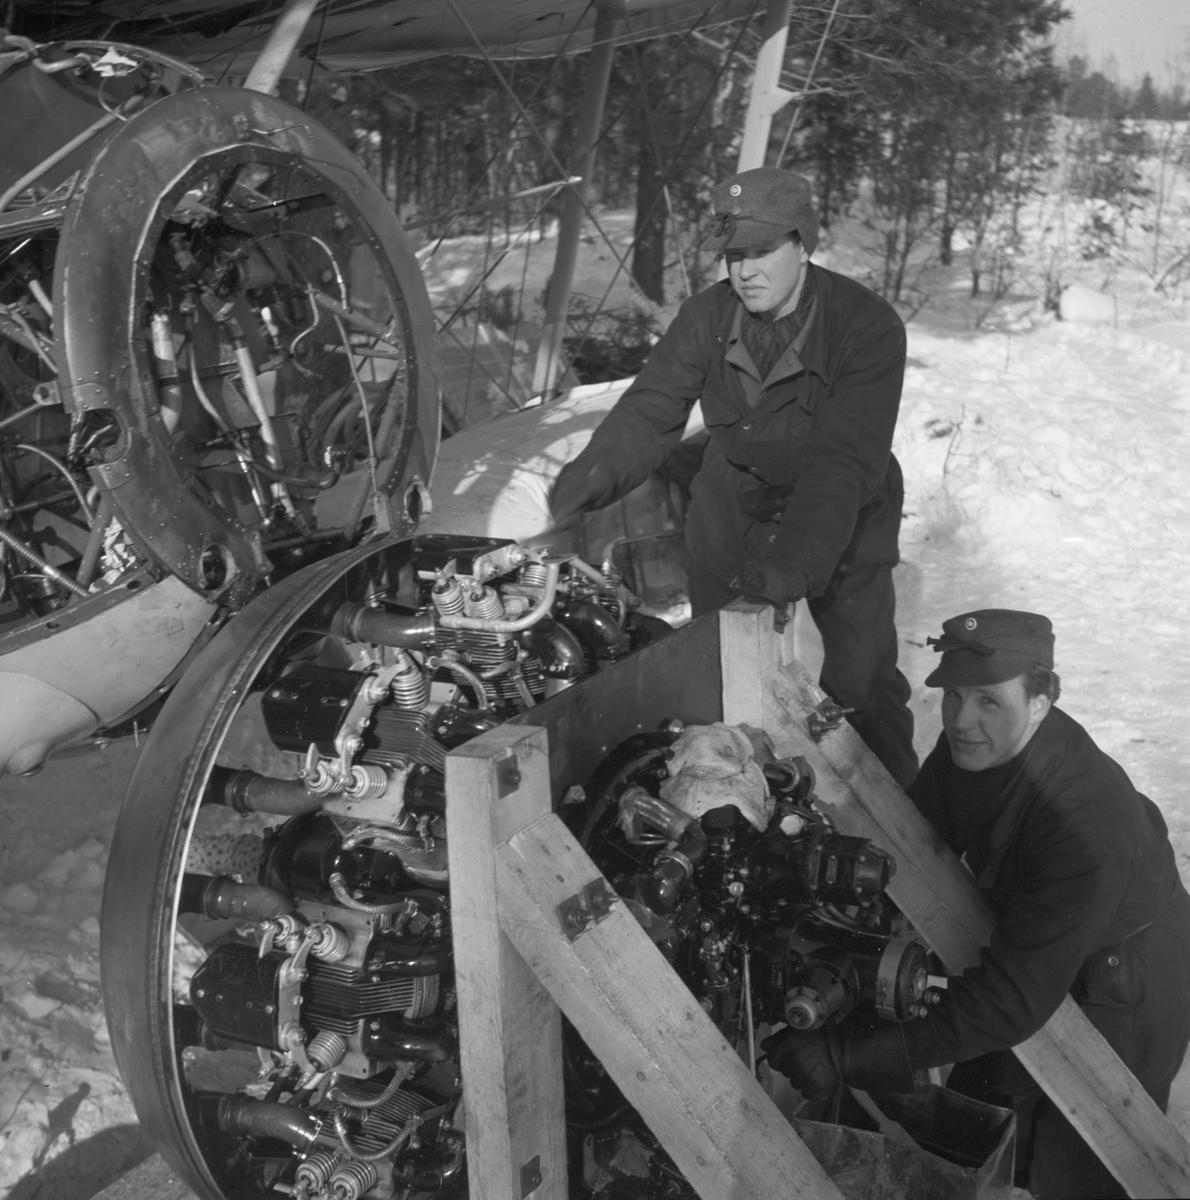 Demontering av motor på flygplan Gloster Gladiator efter Finska vinterkrigets slut i mitten av mars 1940 vid Svenska frivilligkåren i Finland, F 19. Två militärer i arbete.